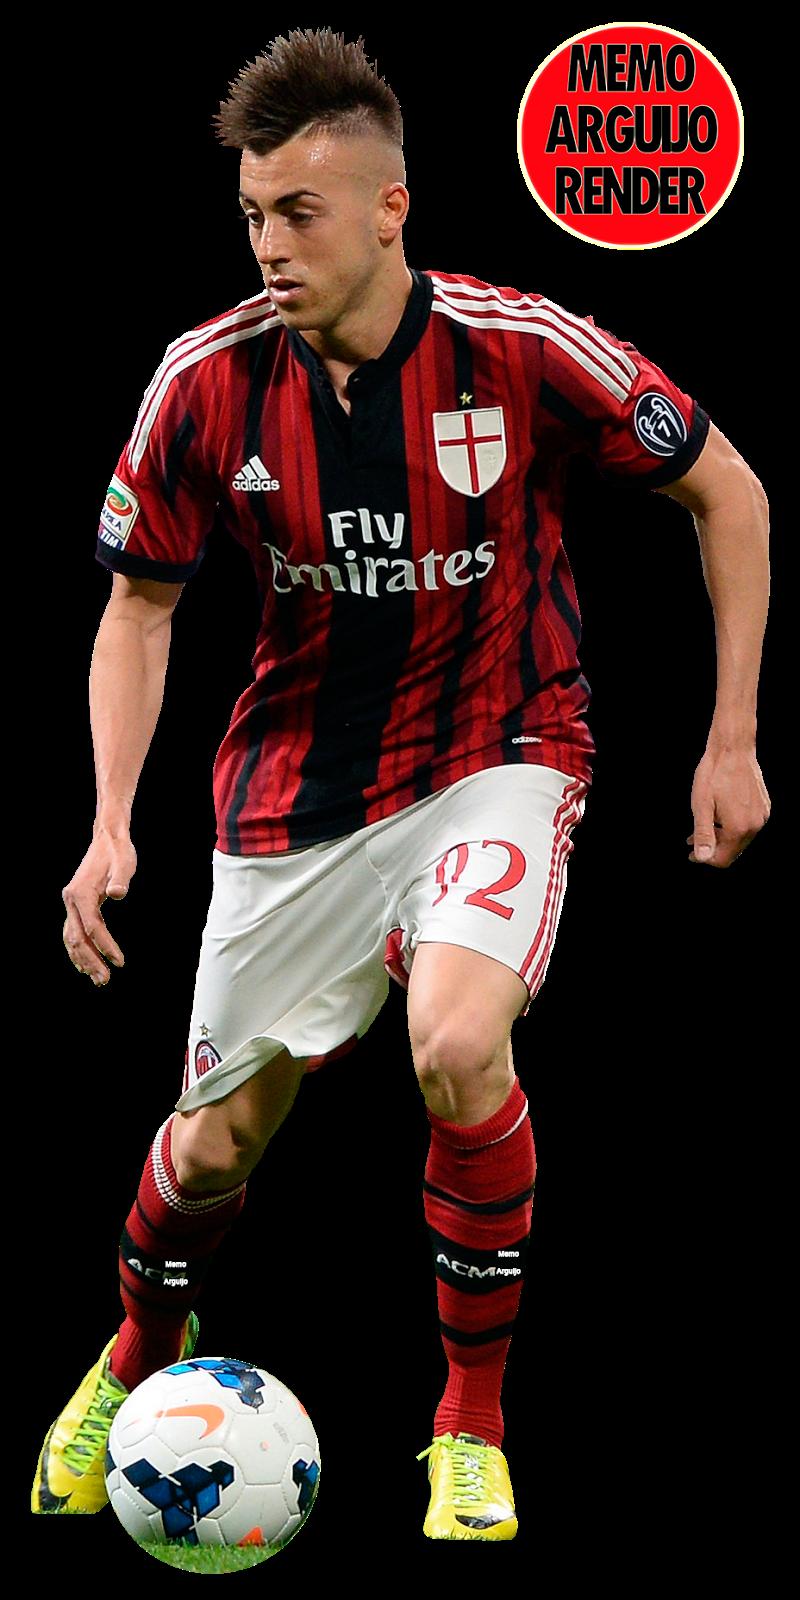 Partido Juventus - Roma   Serie A - Resultados de Fútbol